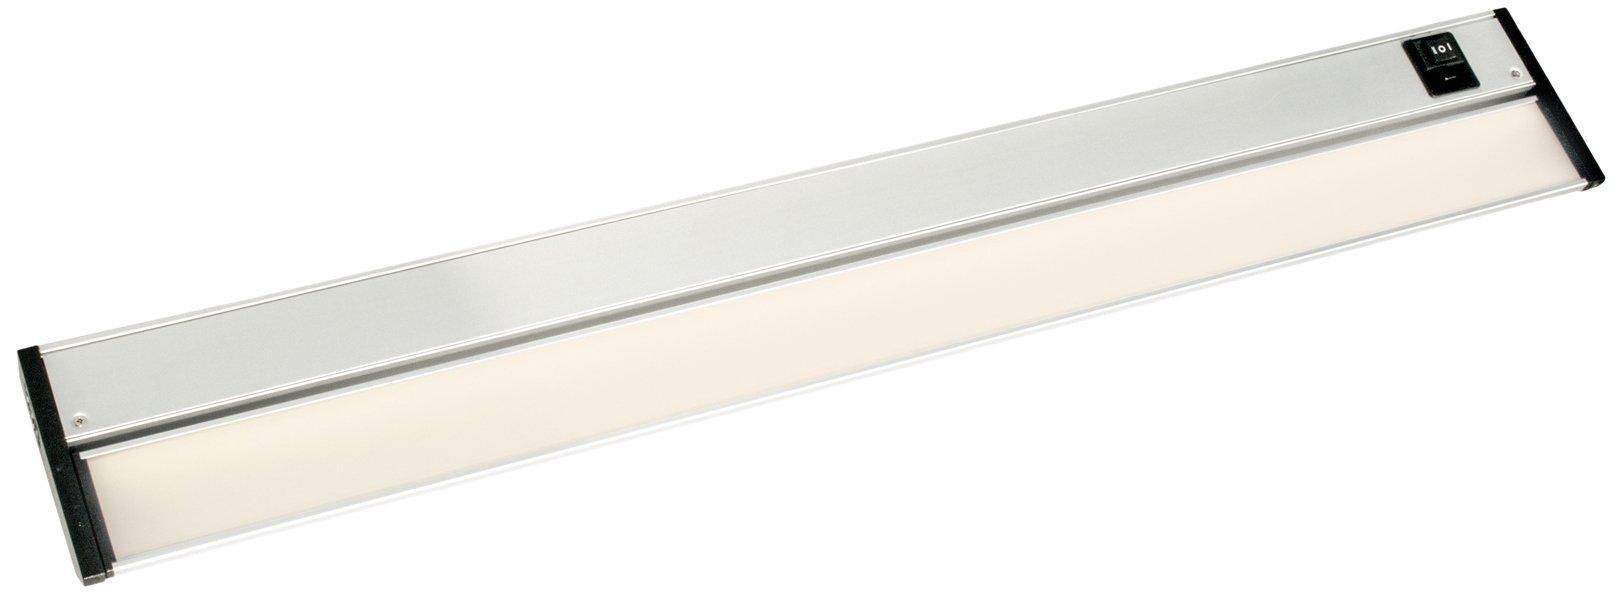 DALS Lighting 9024CC 36'' Linear Adjustable Color LED Under Cabinet Strip Light, Satin Nickel